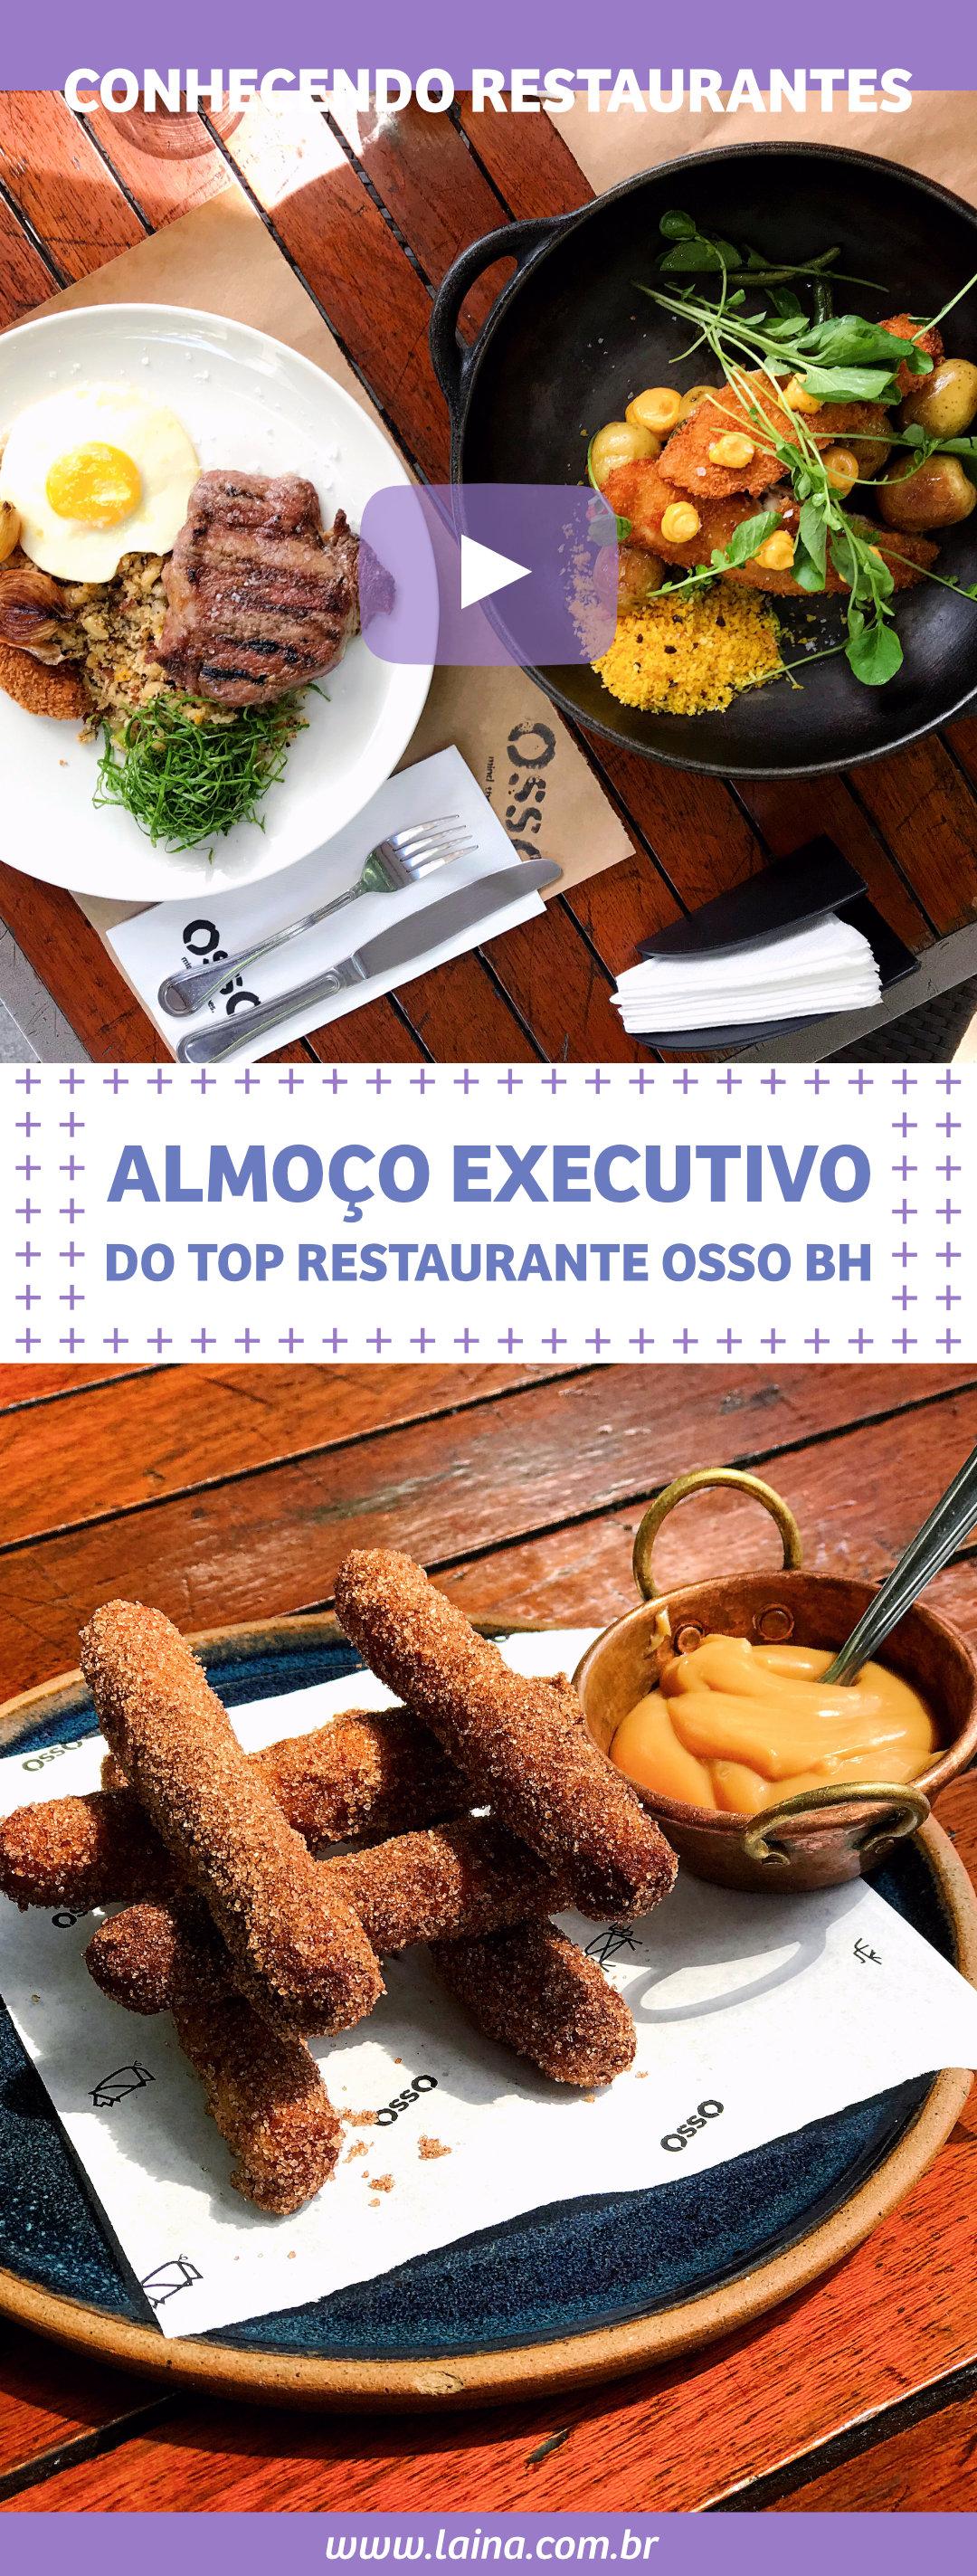 Almoço Executivo em BH no Top Restaurante OssO